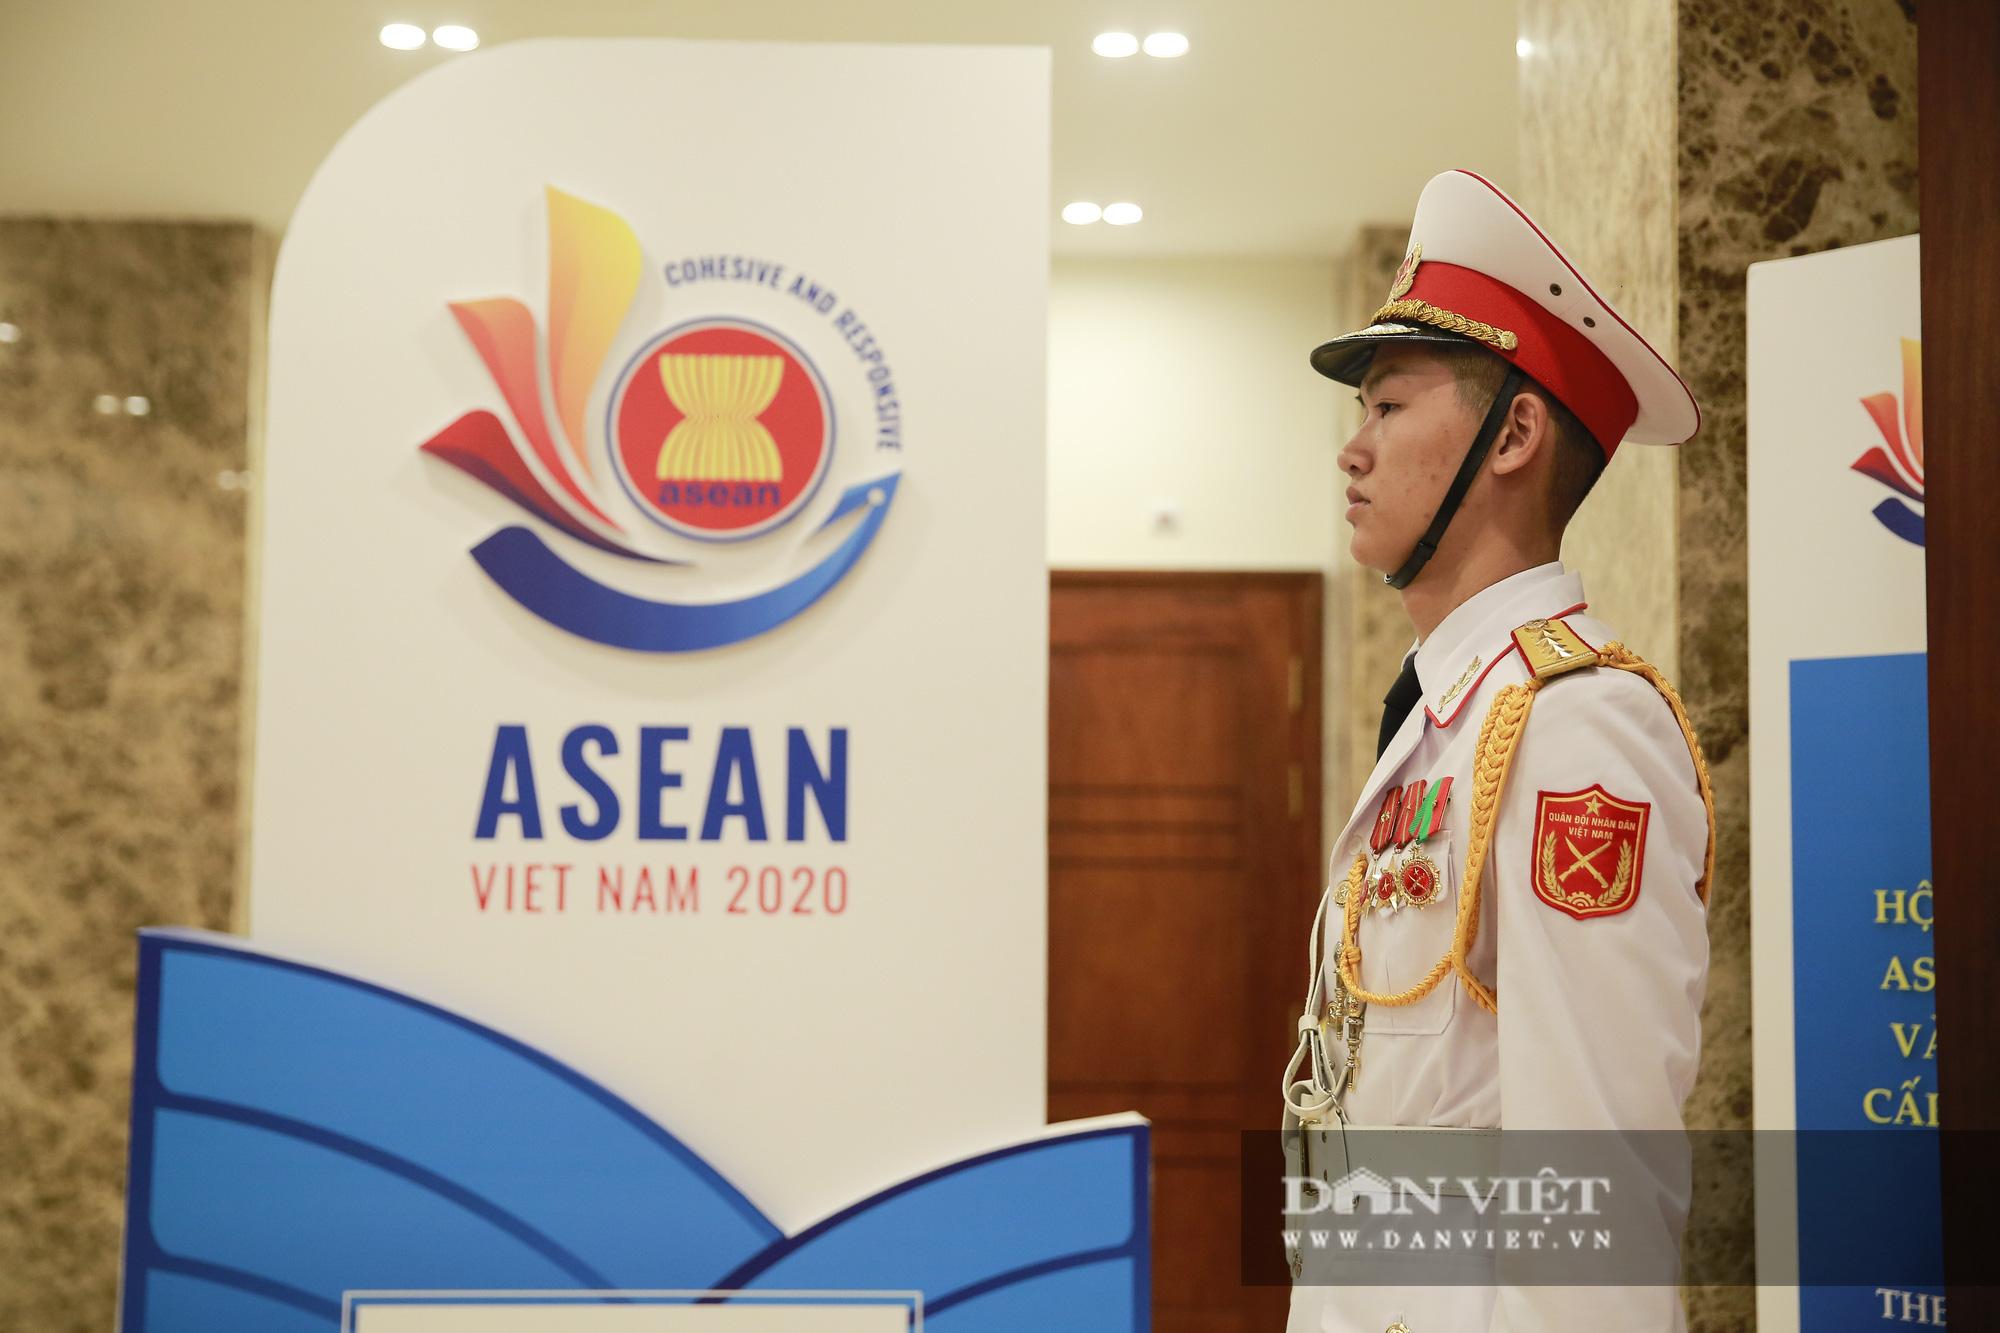 Toàn cảnh Khai mạc Hội nghị Cấp cao ASEAN lần thứ 37 - Ảnh 17.